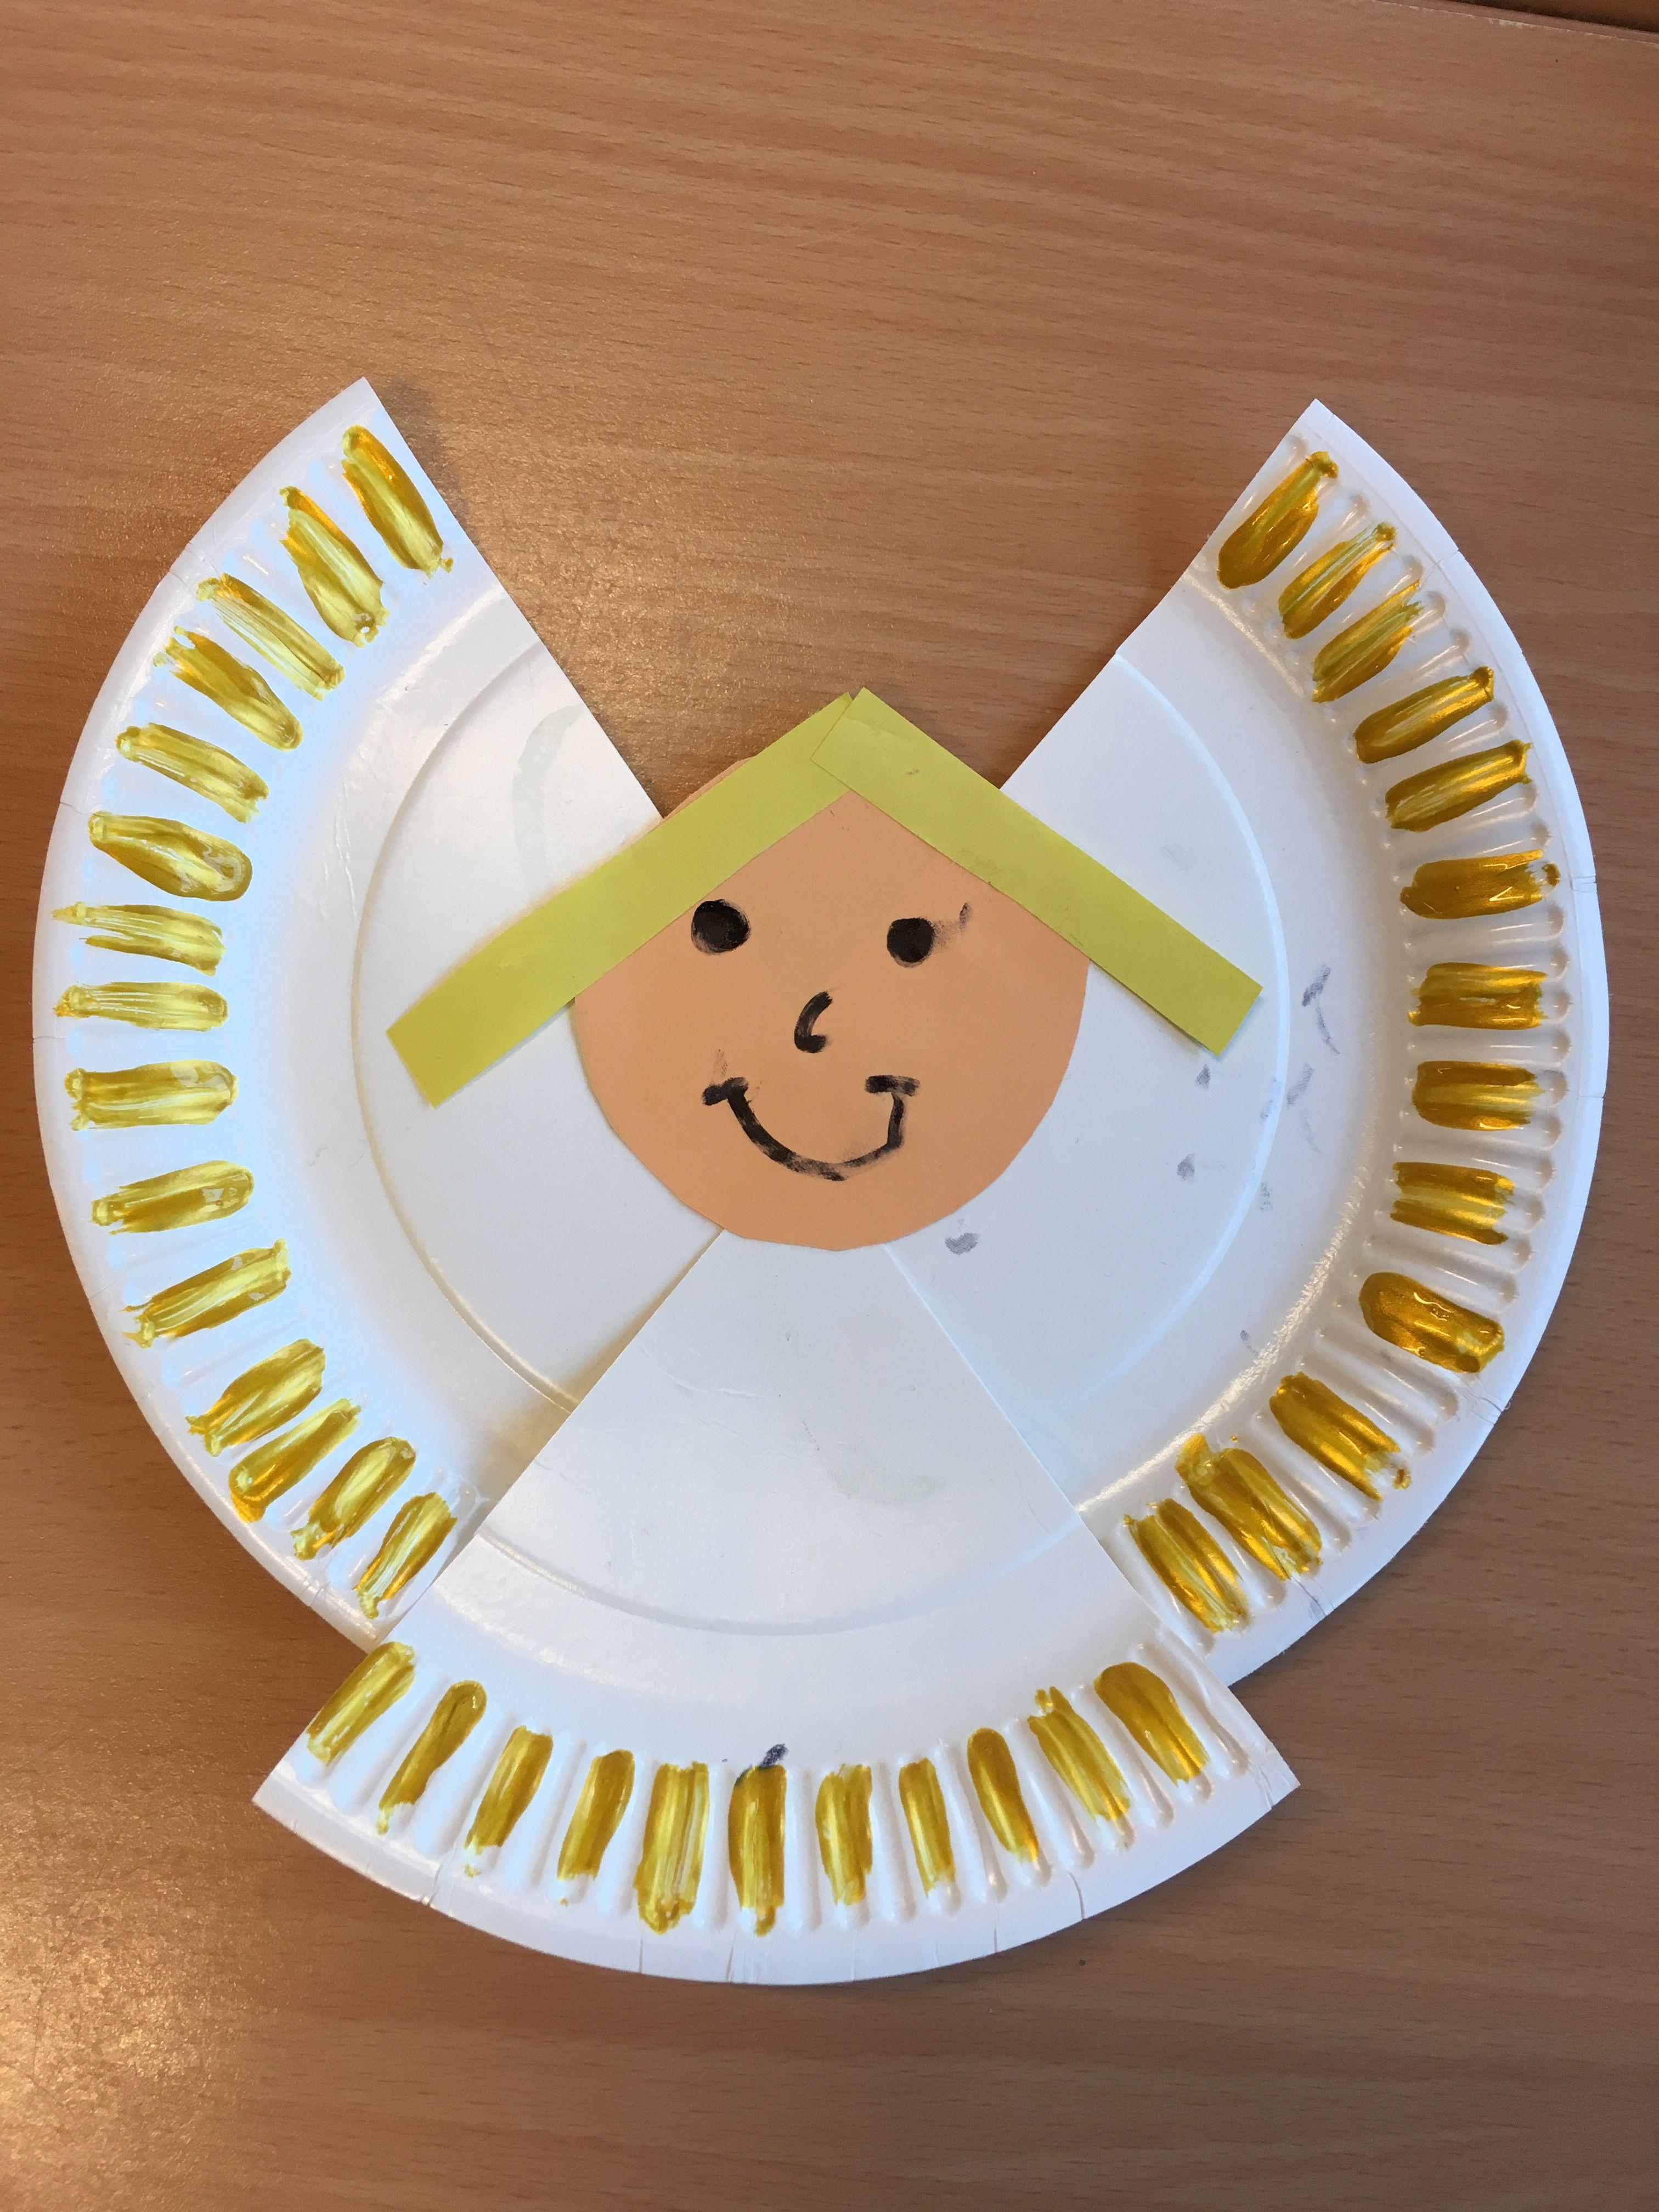 Engel knutselen van papieren bordje thema kerst groep 1-2